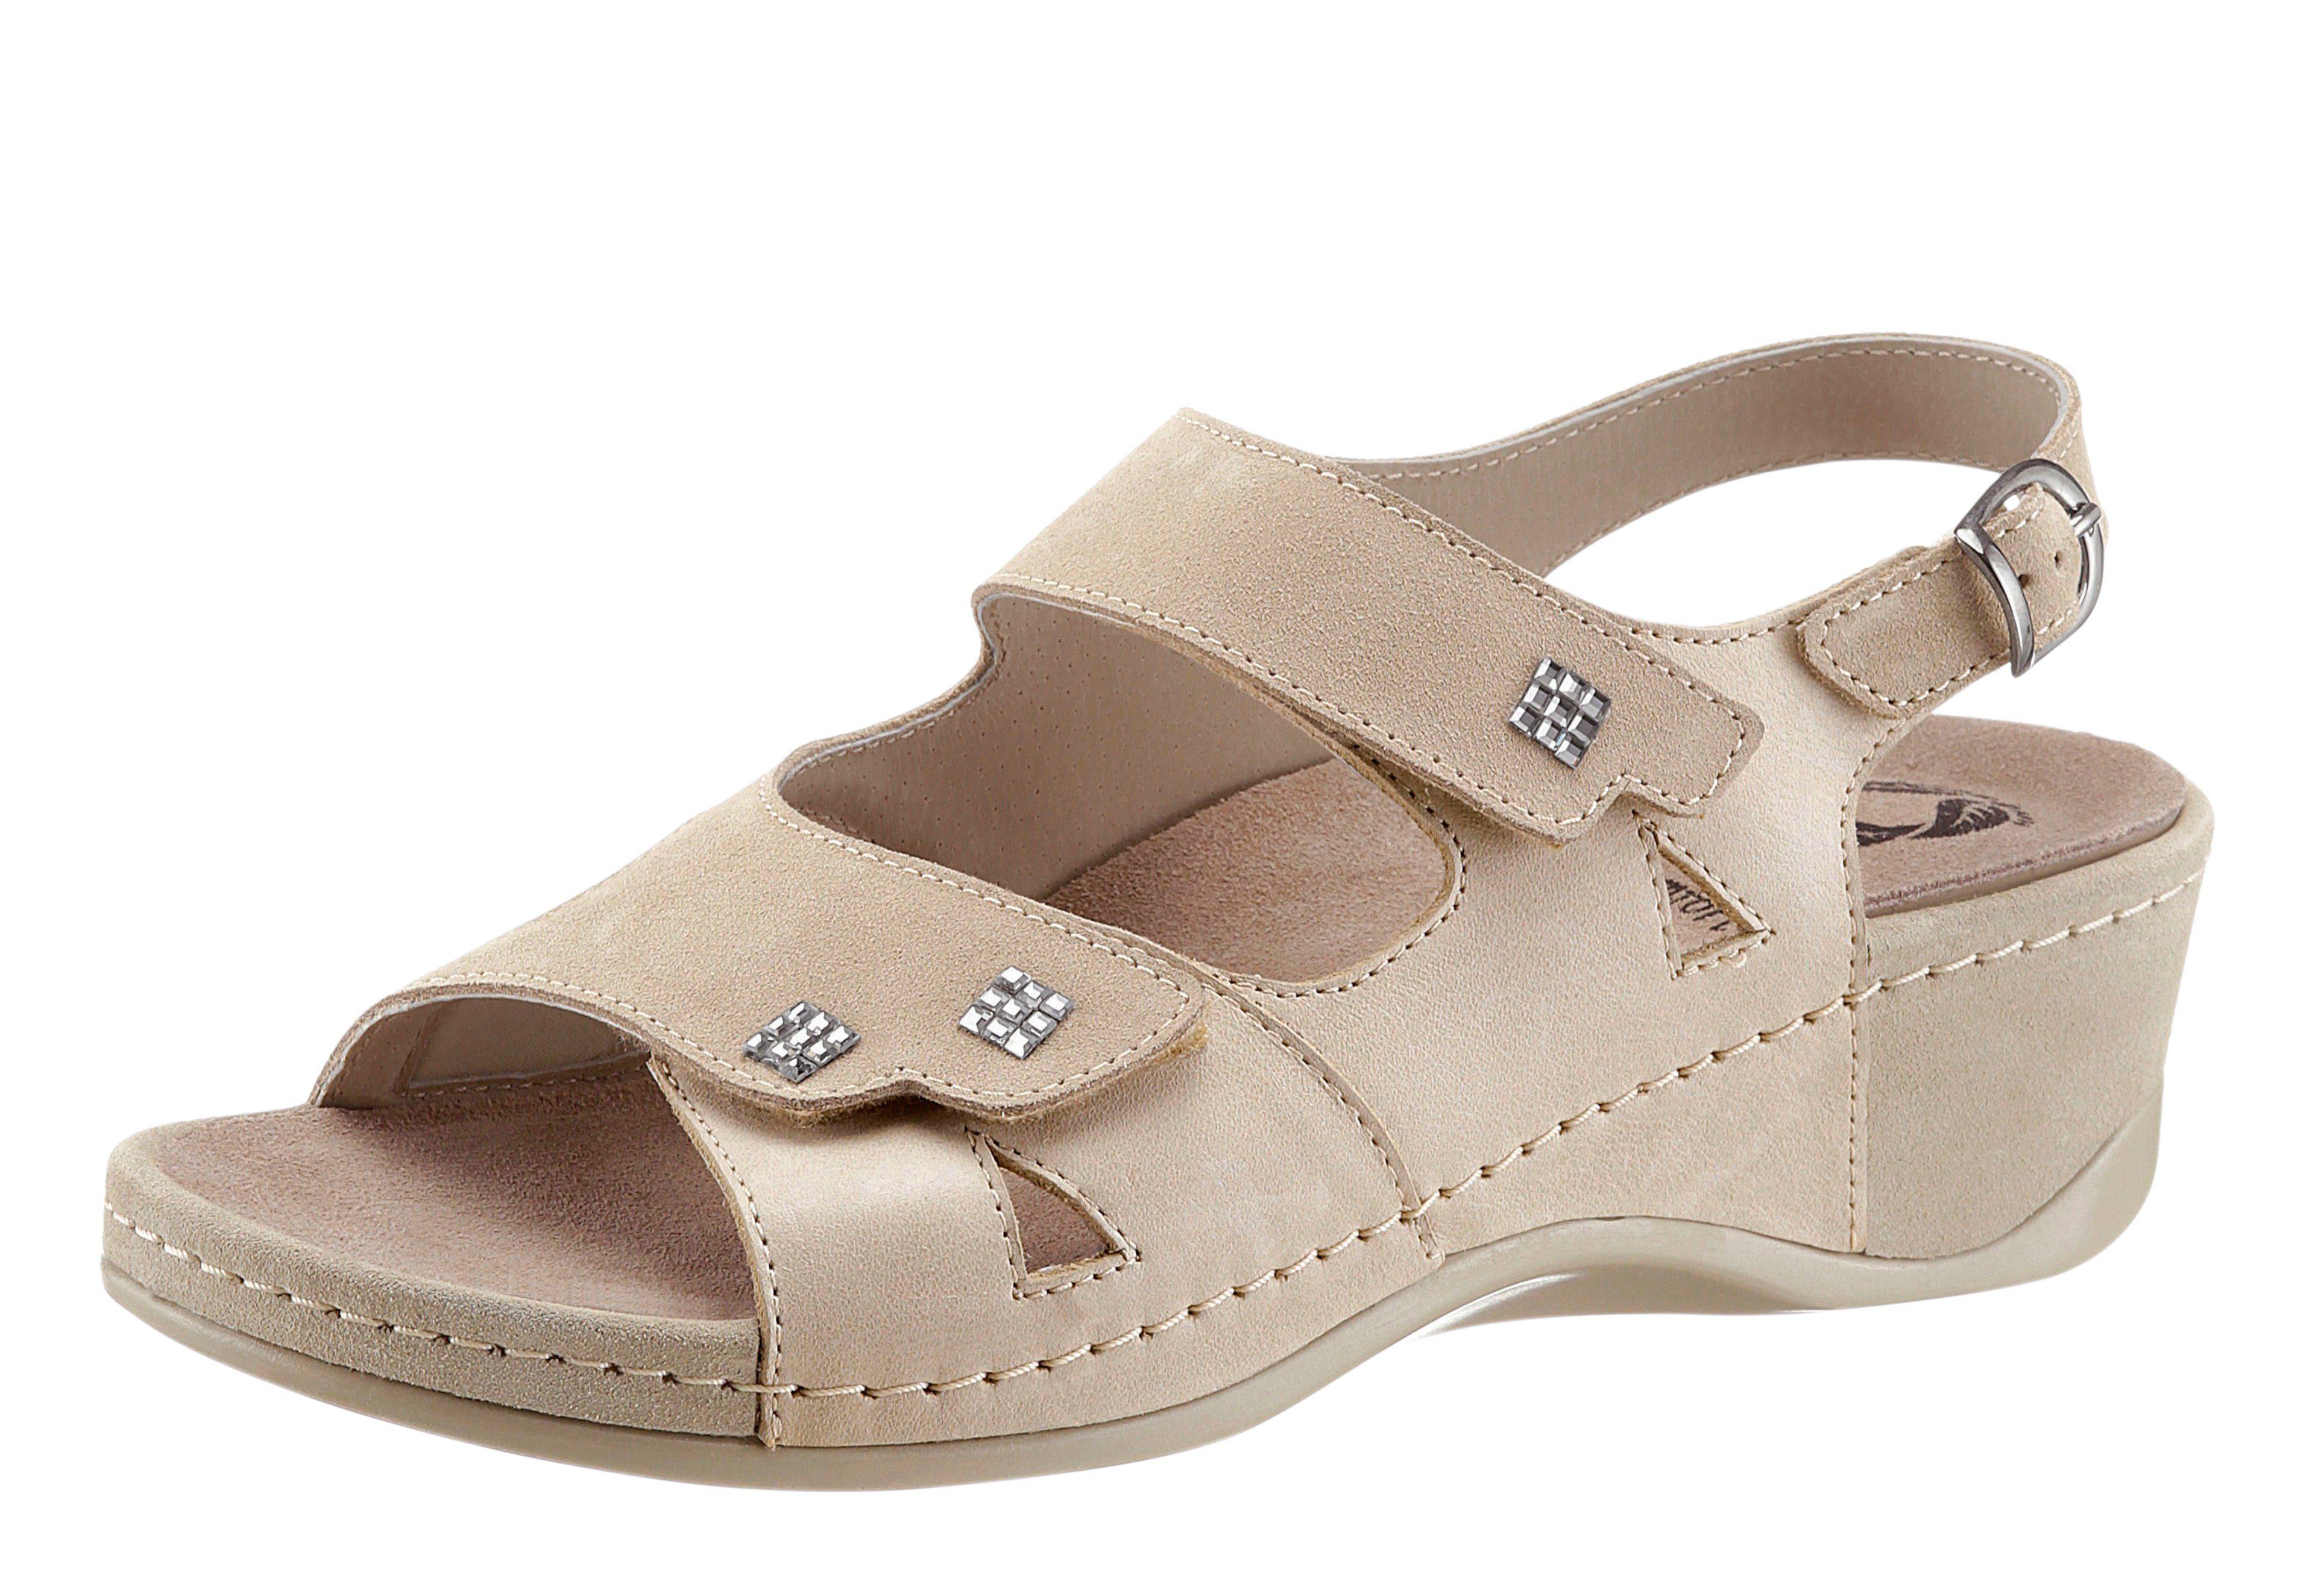 Mubb Sandalette mit rutschhemmender PU-Laufsohle  beige